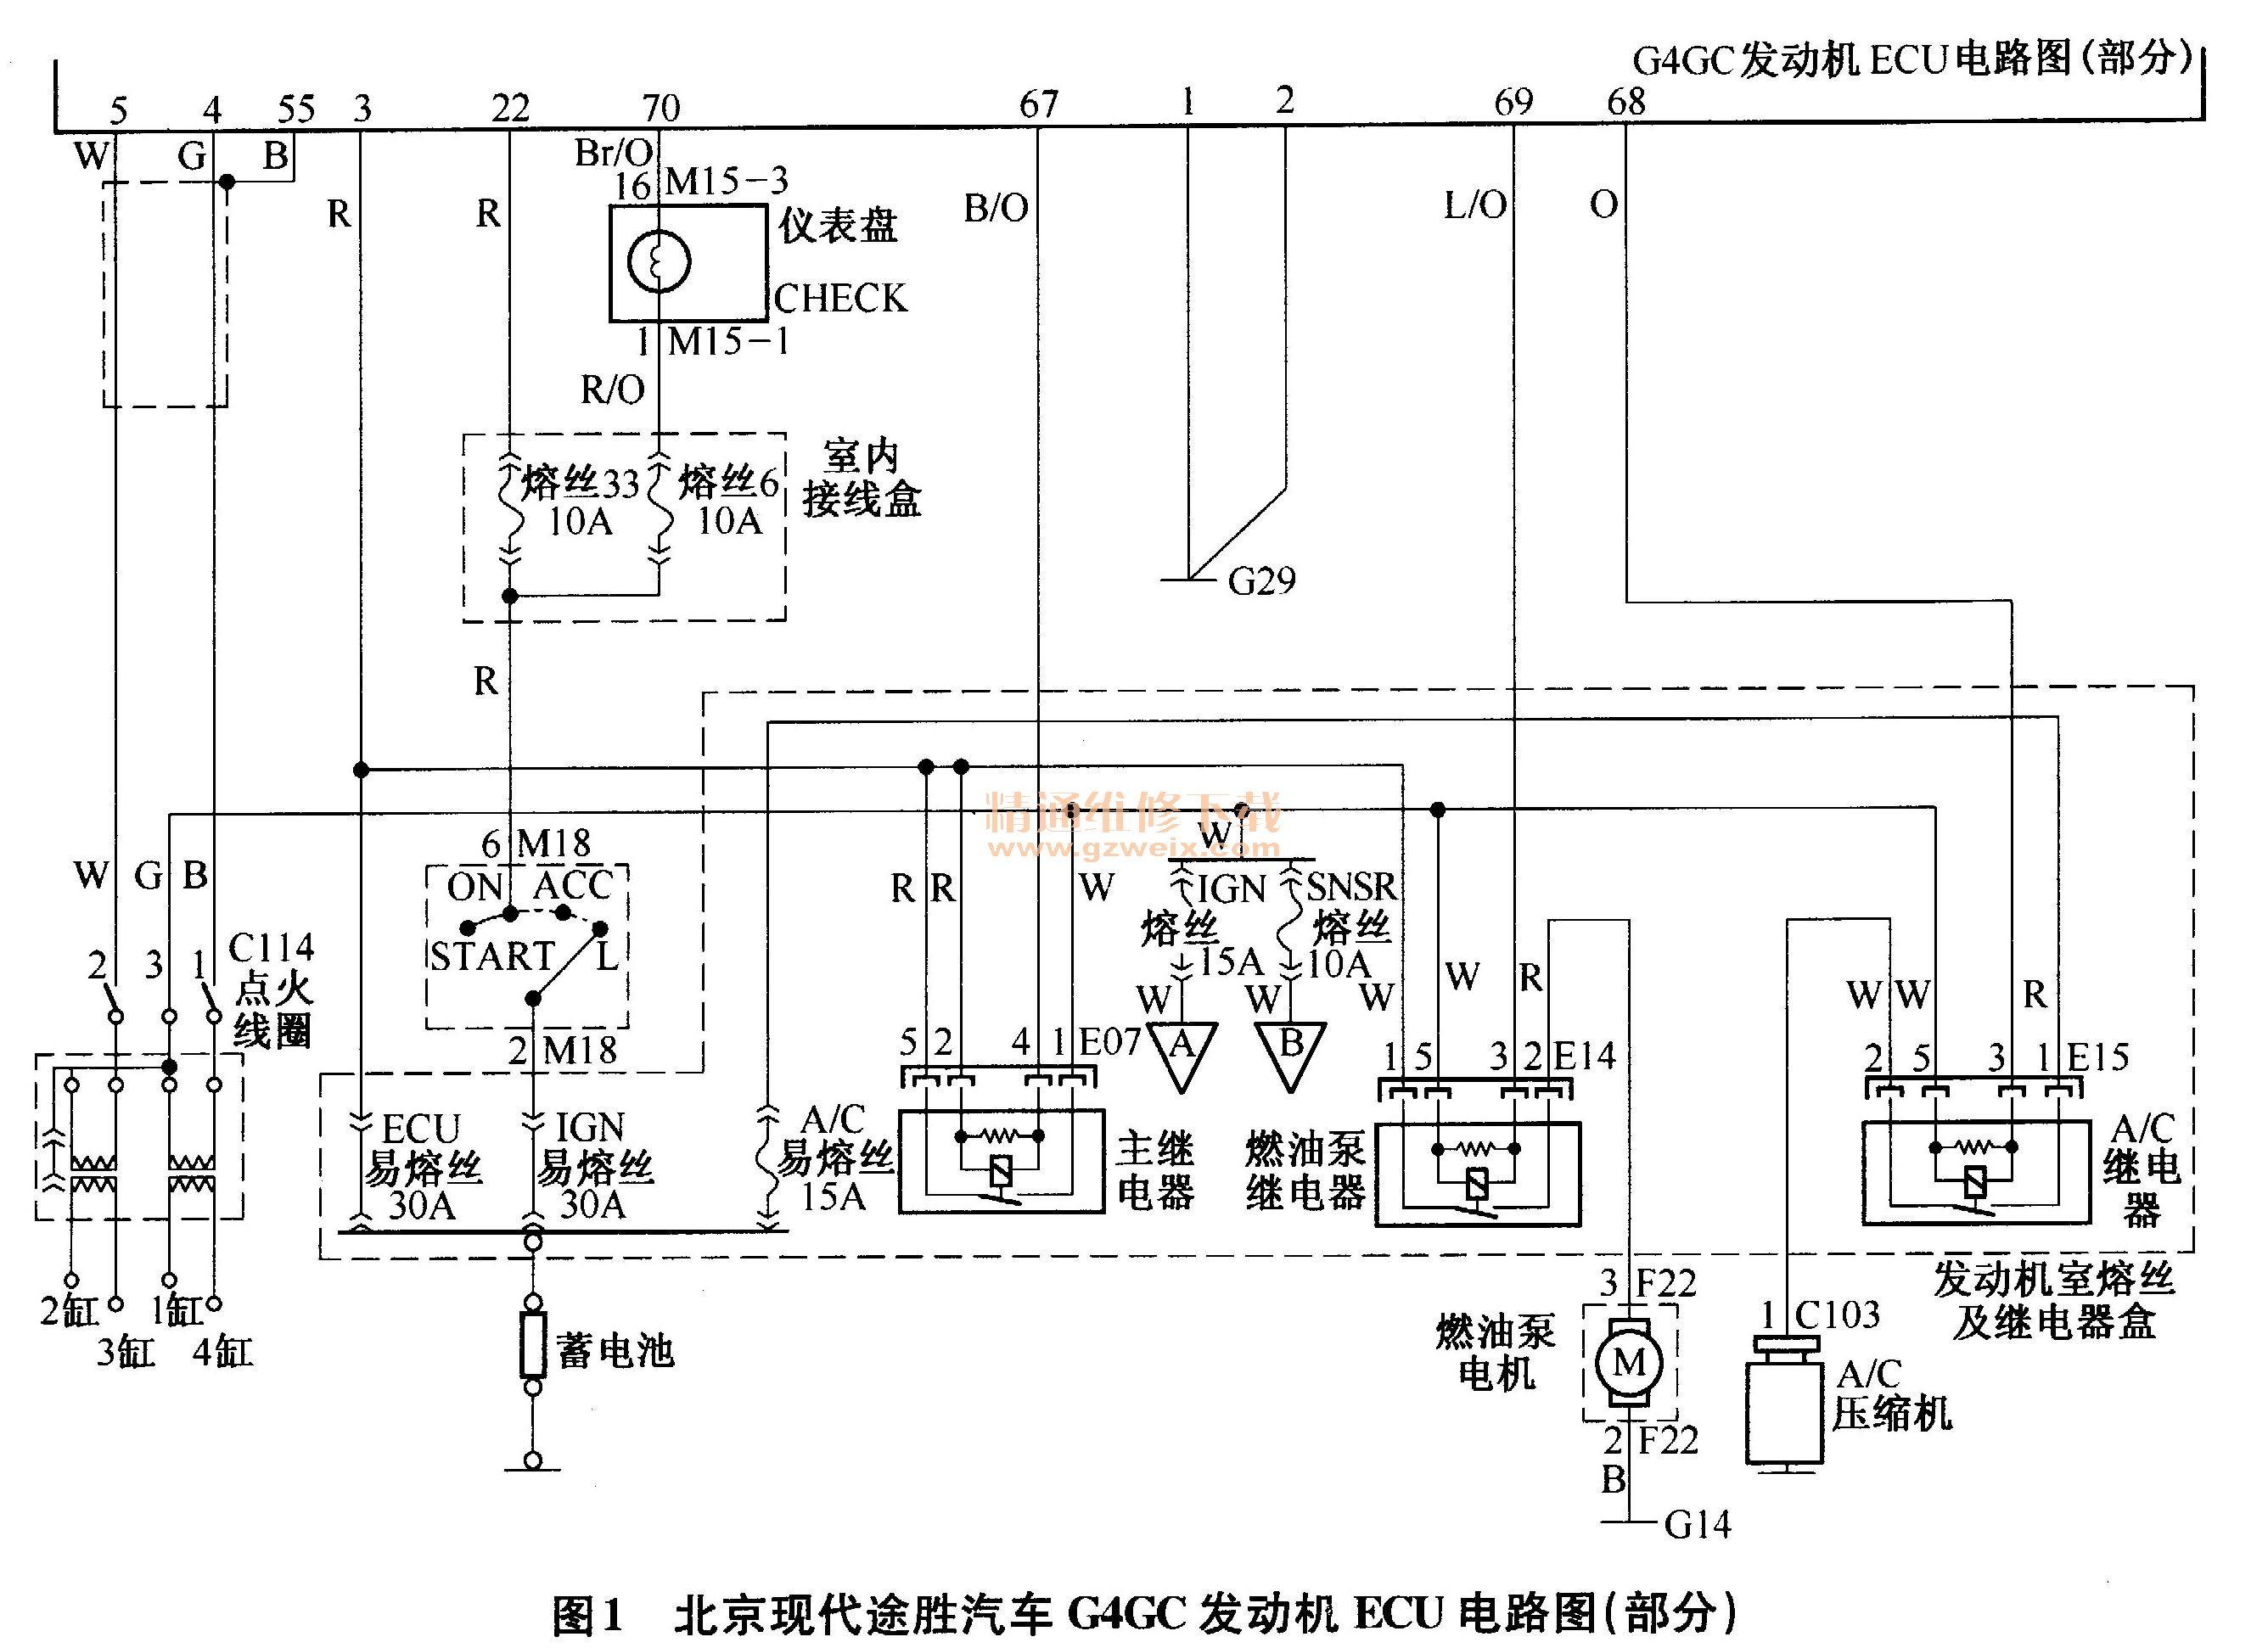 一辆行驶里程约7万km、装备2. 0L型号G4GC发动机、手动挡变速器的四轮驱动北京现代途胜。该车辆正常行驶时,发动机突然熄火,再次启动不着火。据驾驶人介绍,该车因事故曾就近到某修理厂检修,并对比更换曲轴位置传感器及动力控制模块PCM。 故障诊断:电喷发动机的ECU只有在供电、搭铁均良好的条件下,才能正常工作。发动机的供电包括常电源,即从蓄电池有一条线路直接通到发动机ECU,不受点火开关控制;另外还包括受点火开关控制的ON/ST电源,该电源同时给发动机ECU提供点火开关工作状态信号。当发动机缺失常电或者O